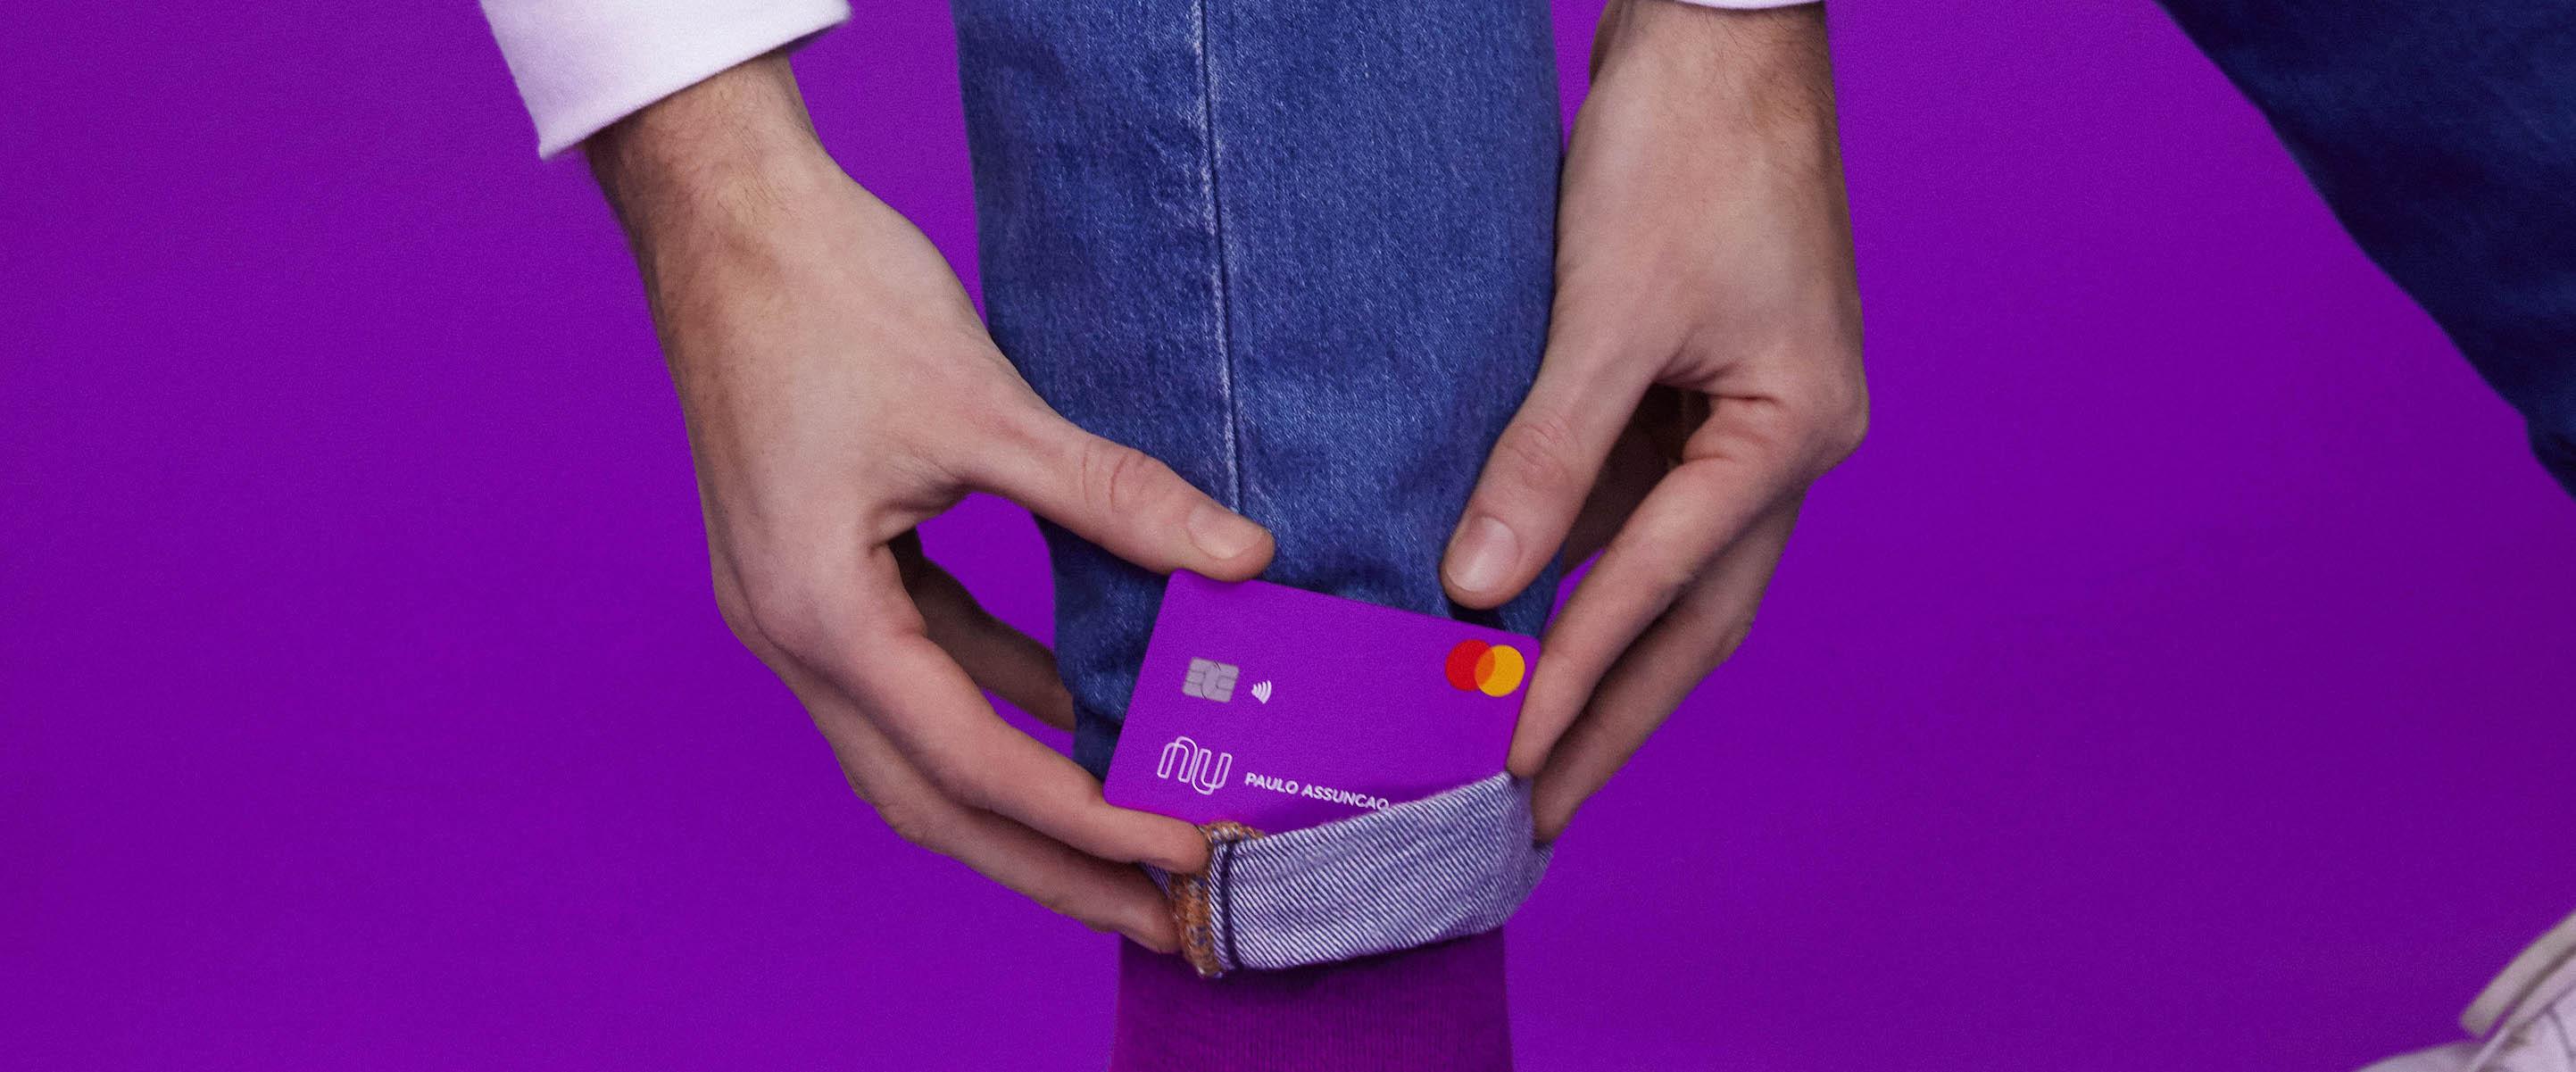 Produtos Nubank: uma pessoa vestindo uma calça jeans e tênis branco, sobre um fundo roxo, segura seu cartão Nubank do lado de sua perna.